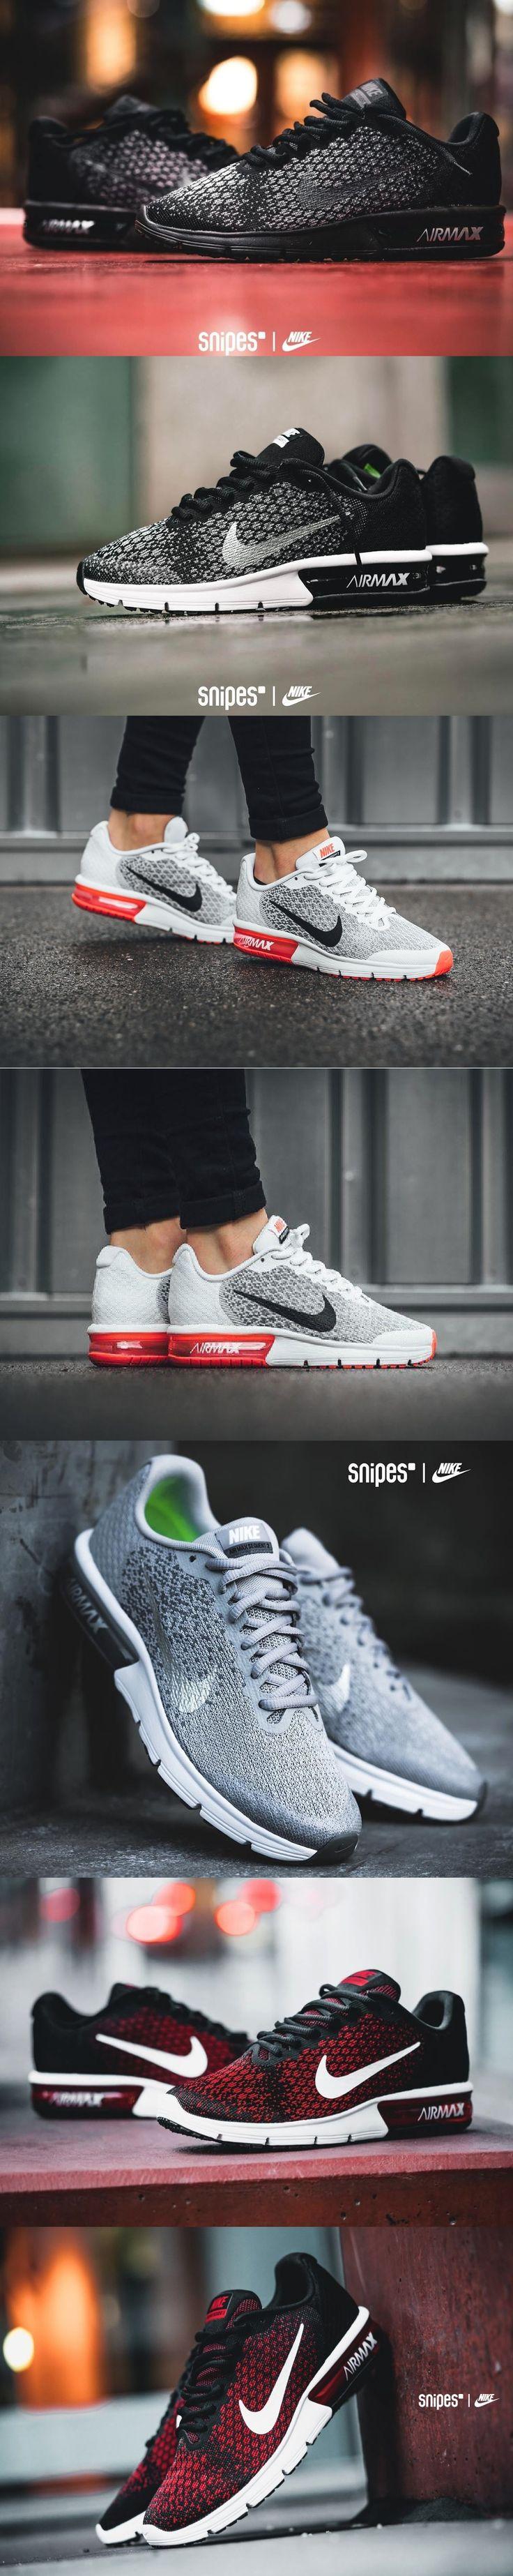 #Nike #Air #Max #Sequent II http://store.nike.com/fr/fr_fr/pw/n/1j7?sl=air%20max%20sequent&cp=EUNS_AFF_WG_FR_121157